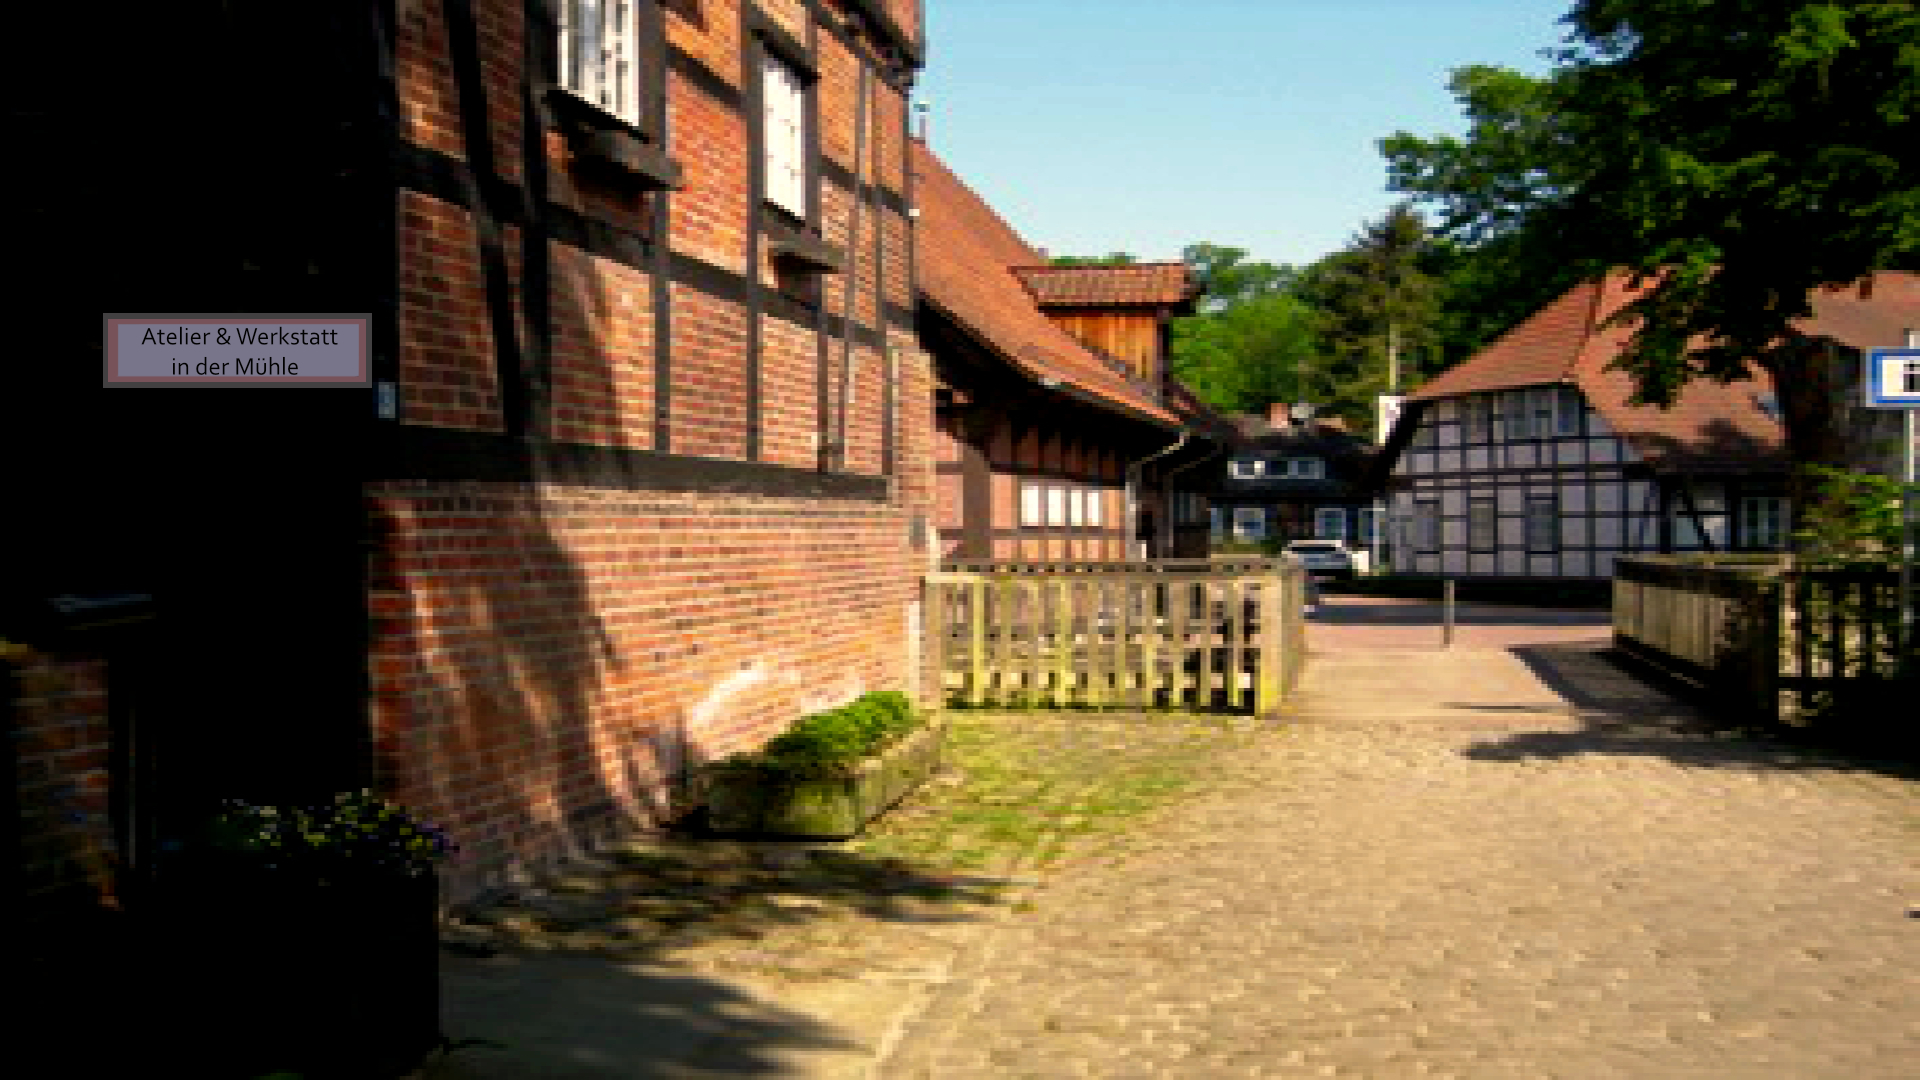 Wassermühle Wienhausen, Atelier